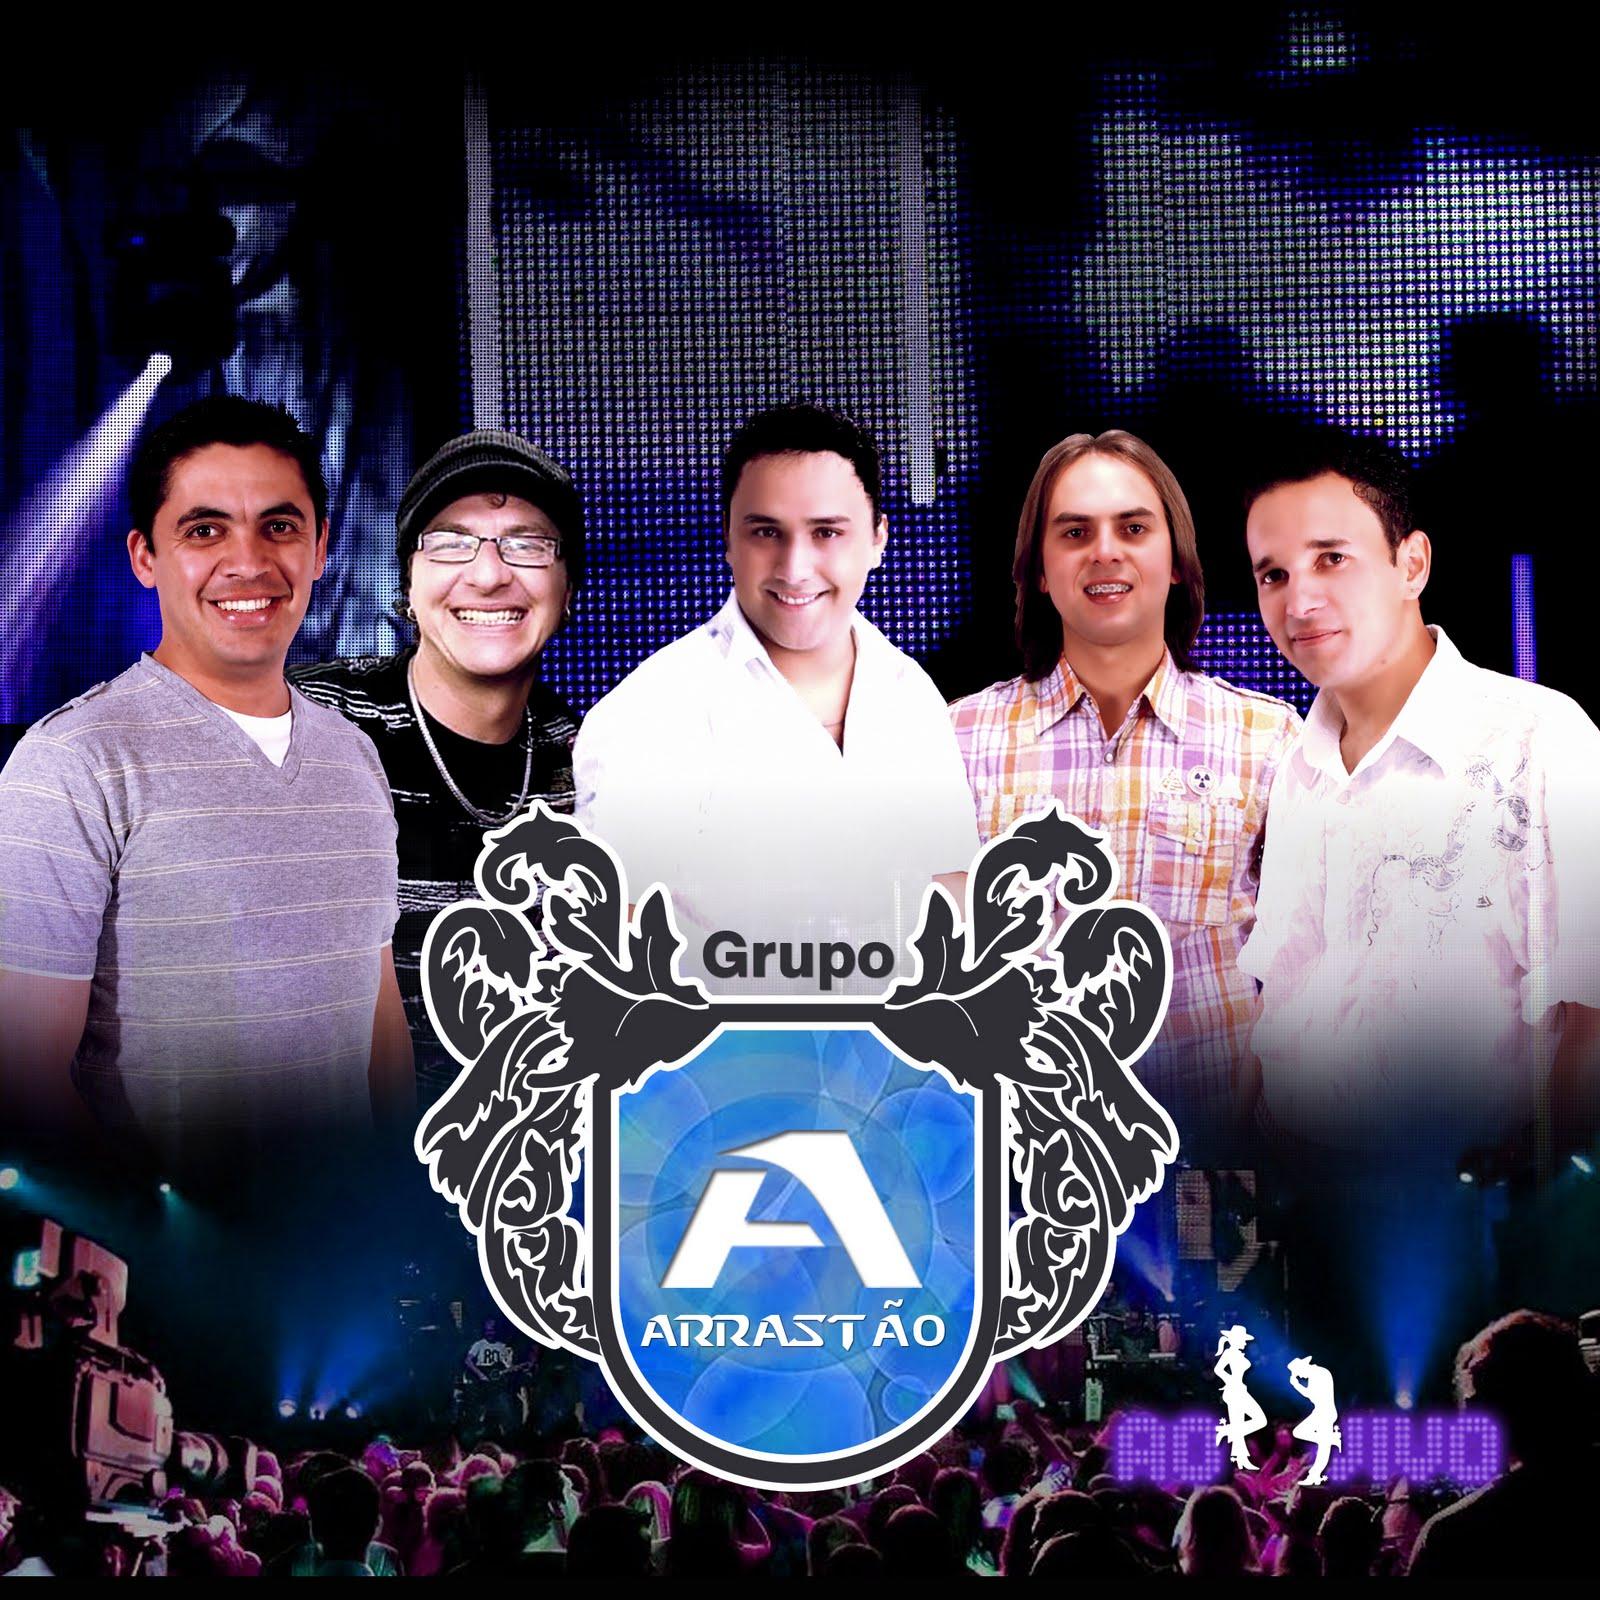 Grupo Arrastão ao Vivo 2 cd 2Barrast 25C3 25A3o